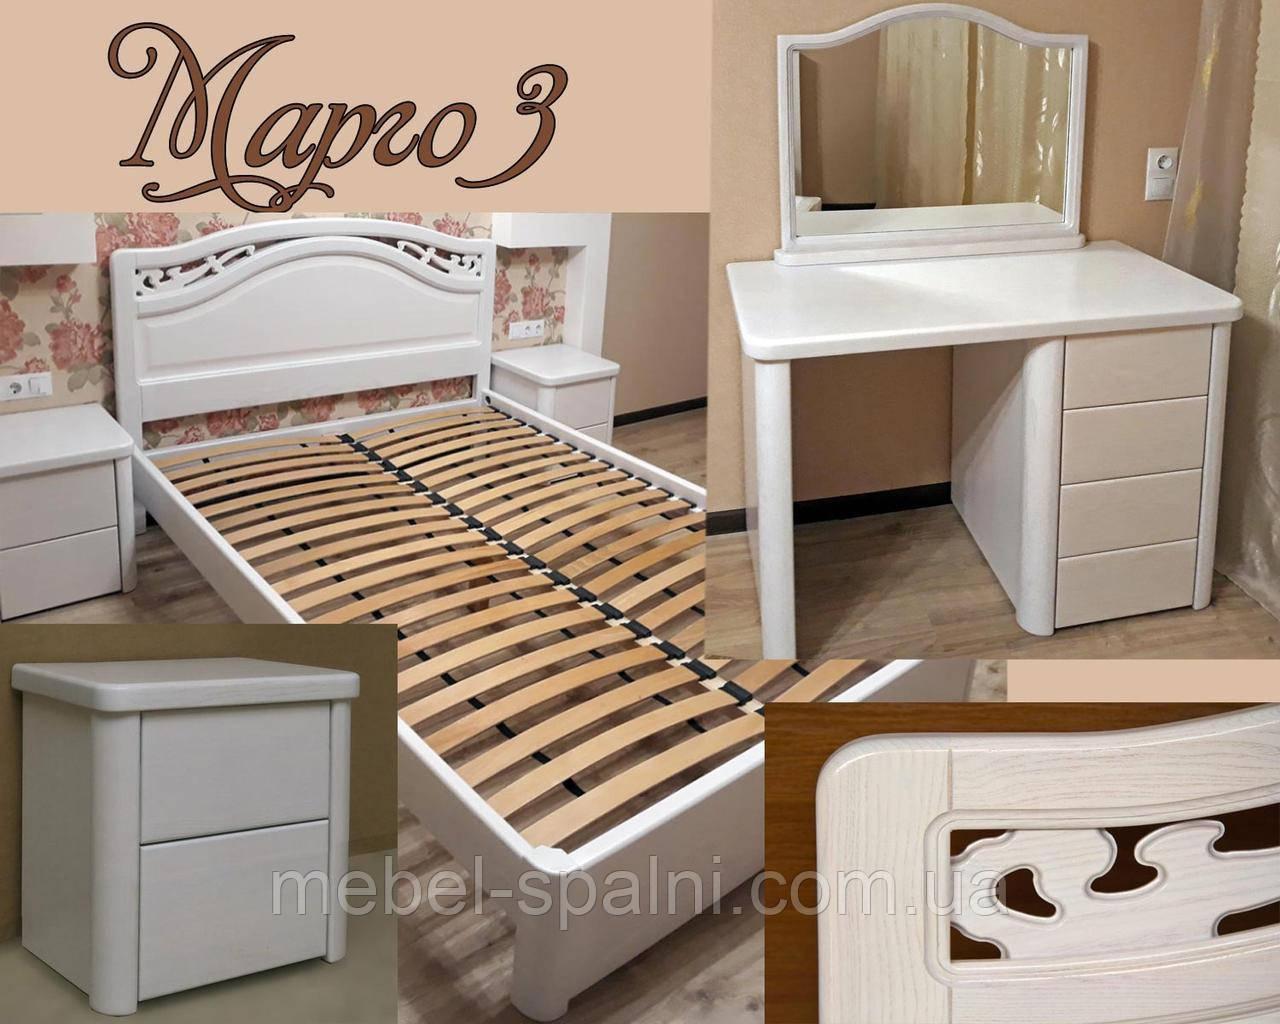 """Комплект мебели спальни """"Марго 3"""" спальный гарнитур. Деревянная белая, красивая спальня"""